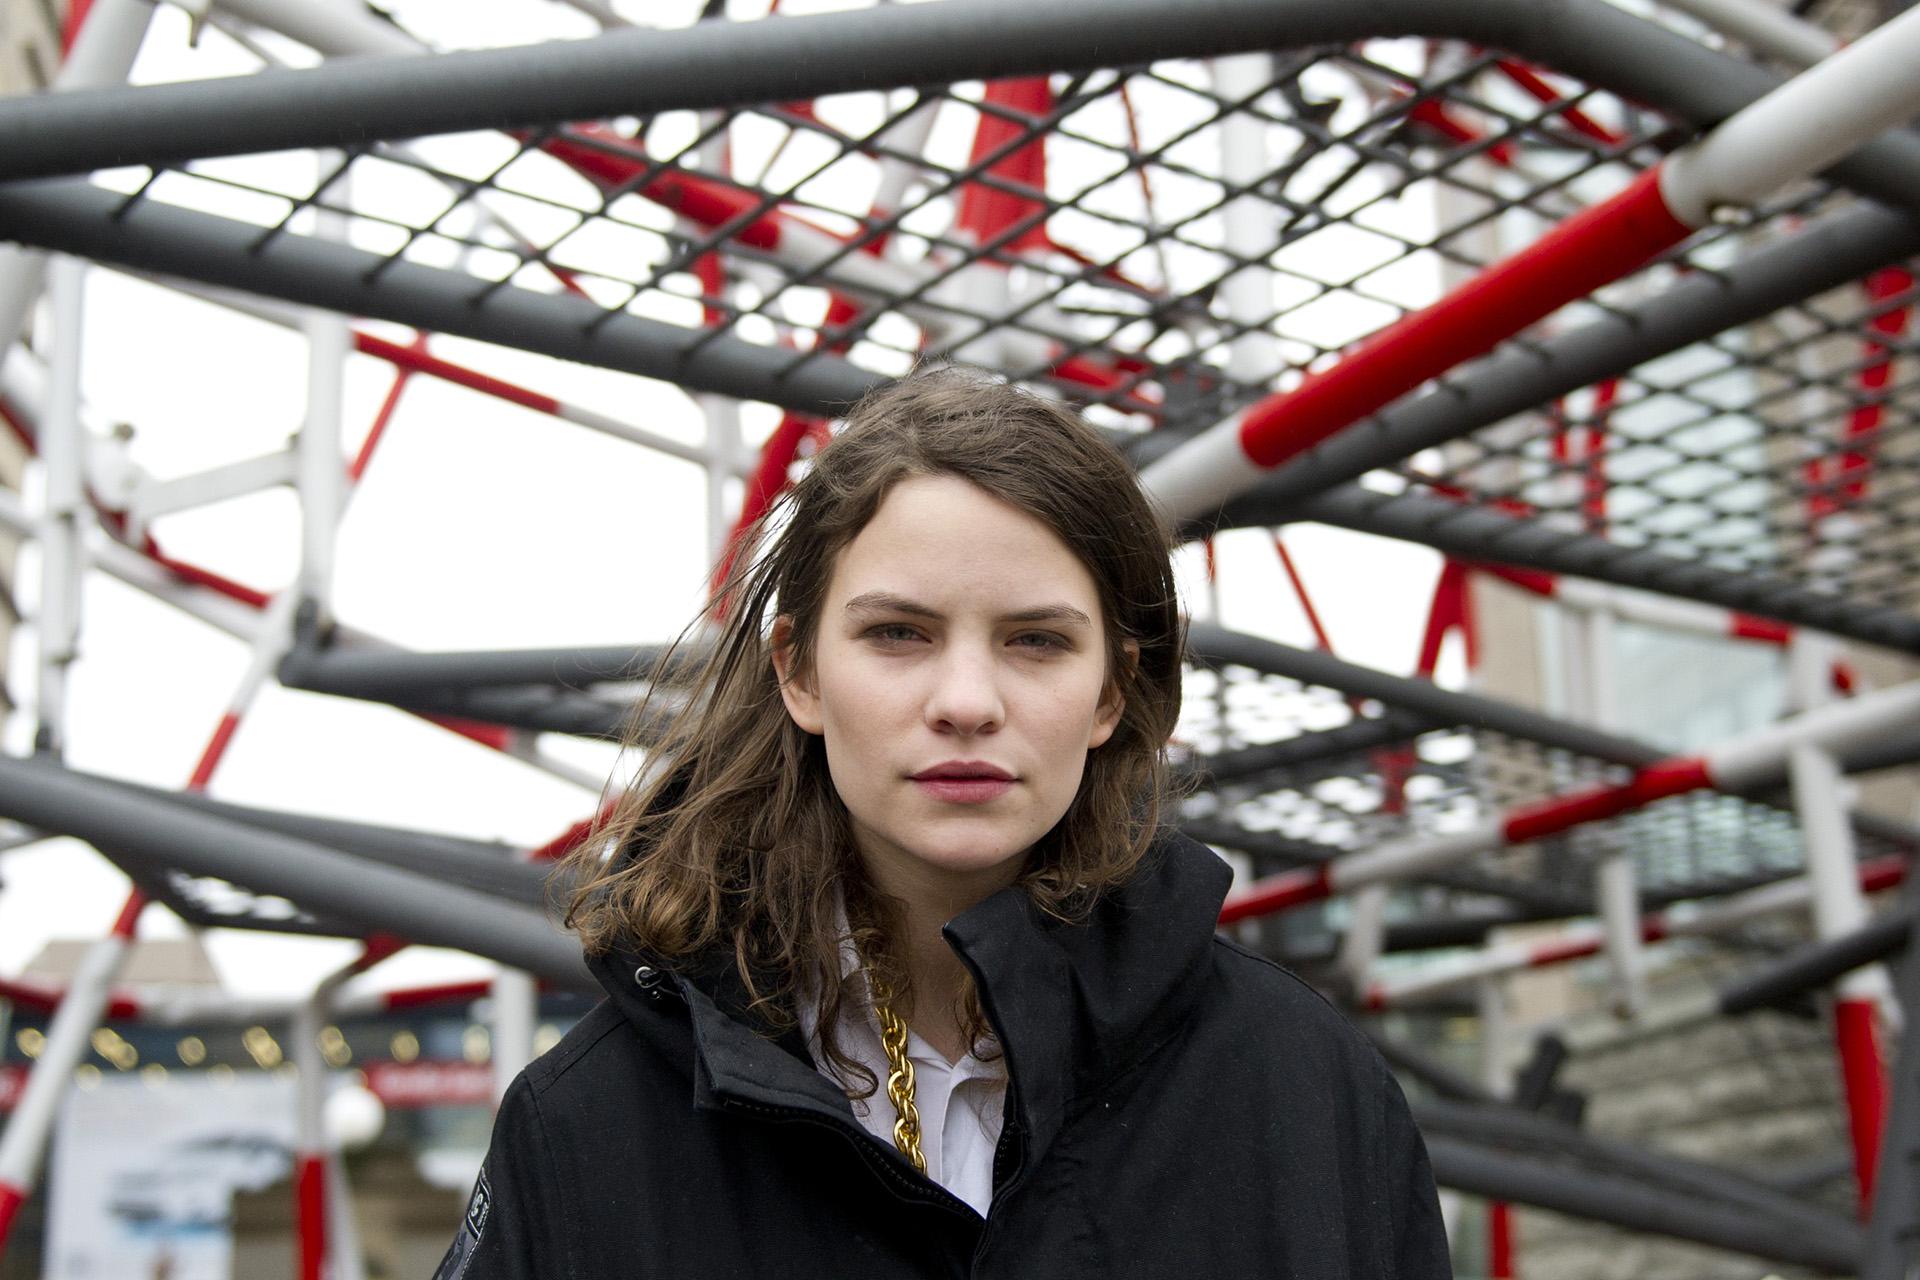 Eliot Paulina Sumner, Musician